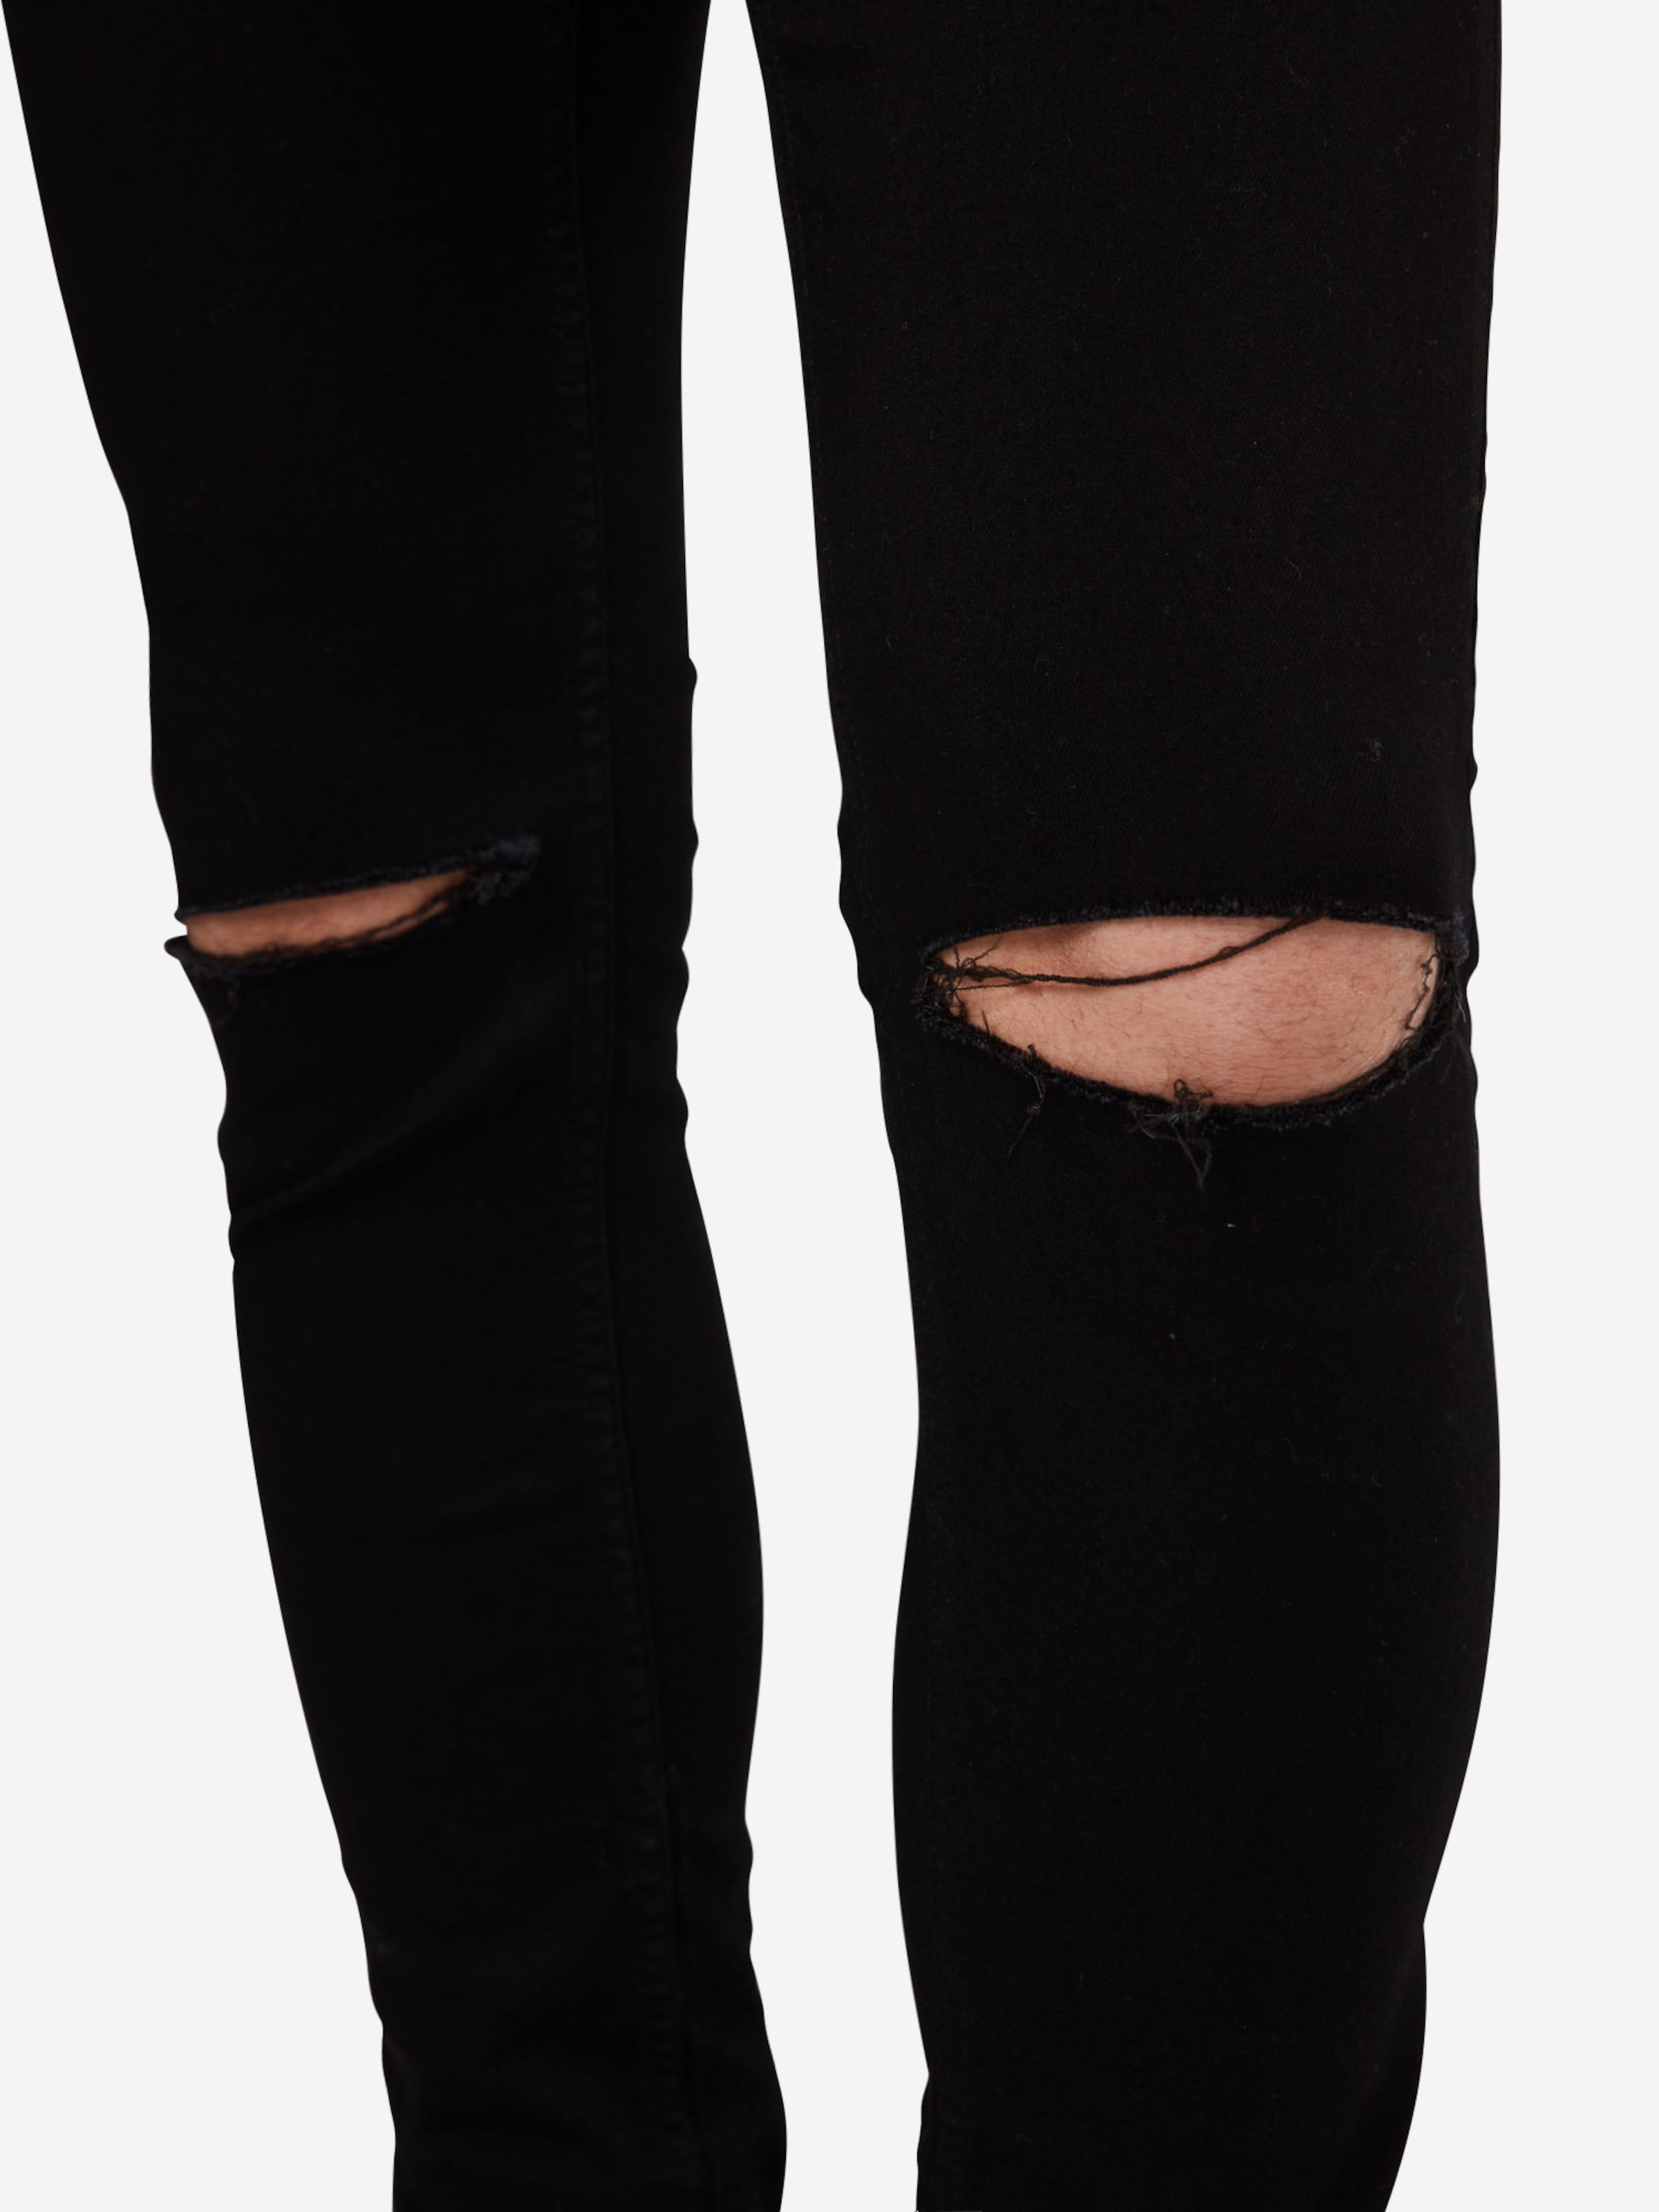 Billig Verkauf Für Schön Rabatt Kosten CHEAP MONDAY Jeans 'Him' Ausgezeichnete Online Spielraum Offiziellen CojUyT